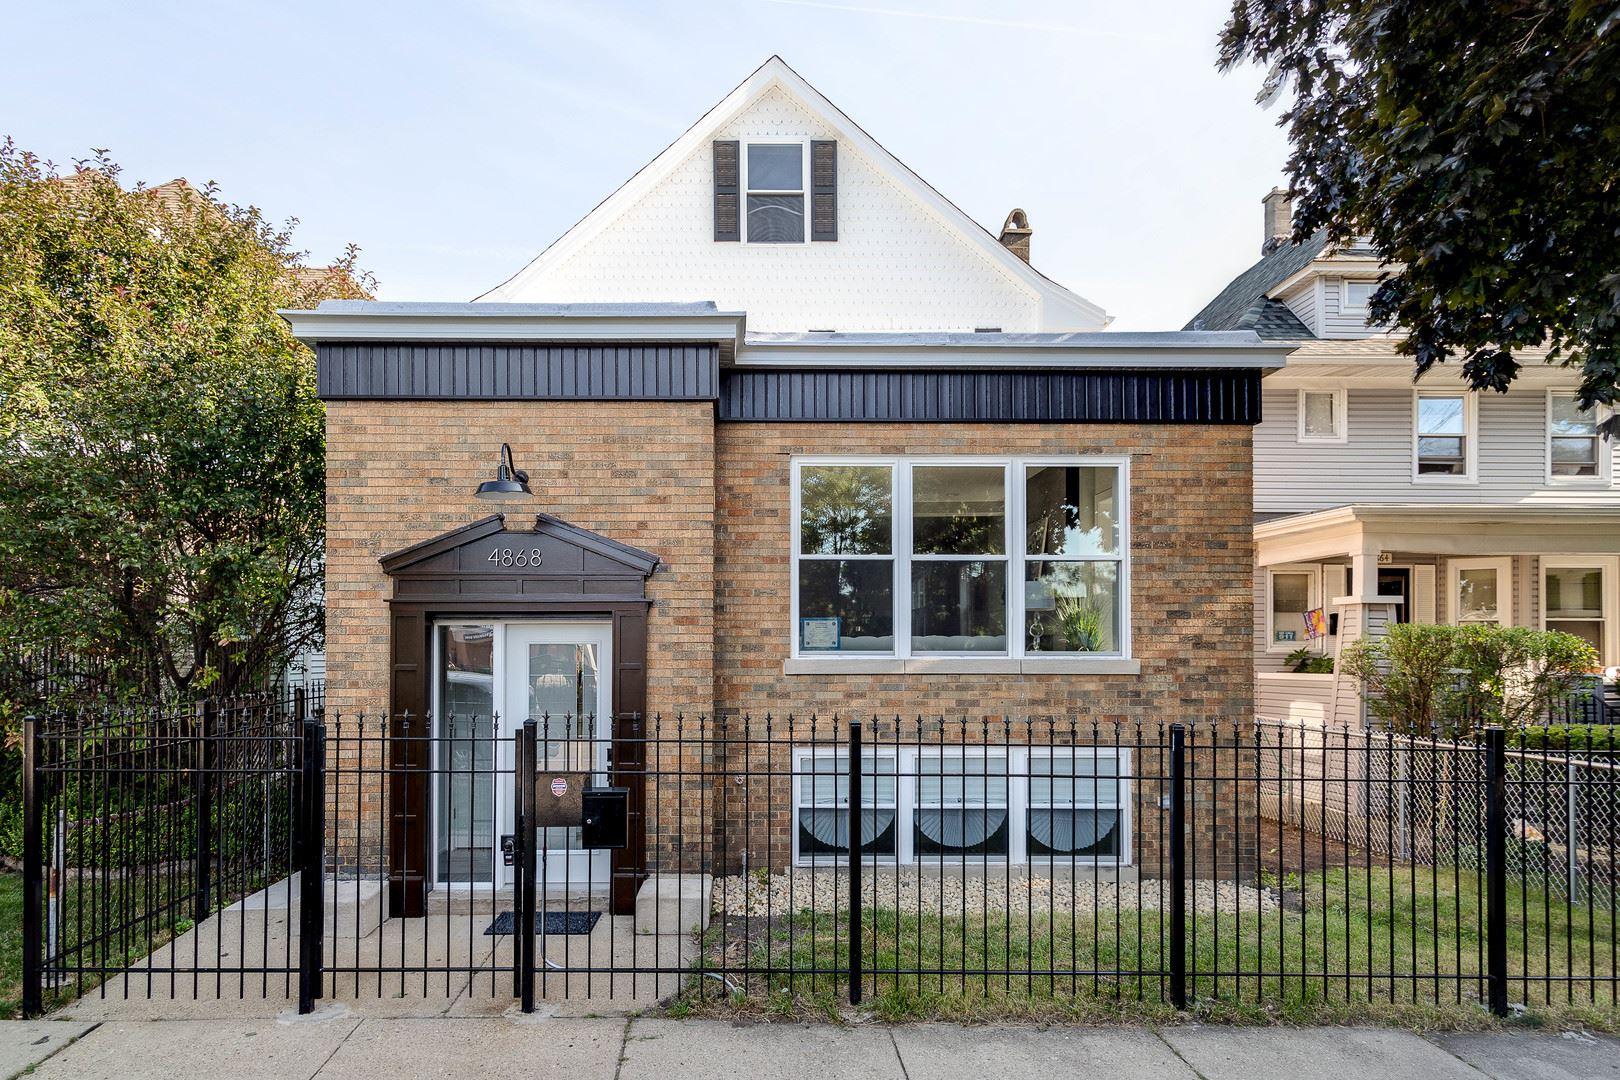 4868 W Warner Avenue, Chicago, IL 60641 - #: 10809813